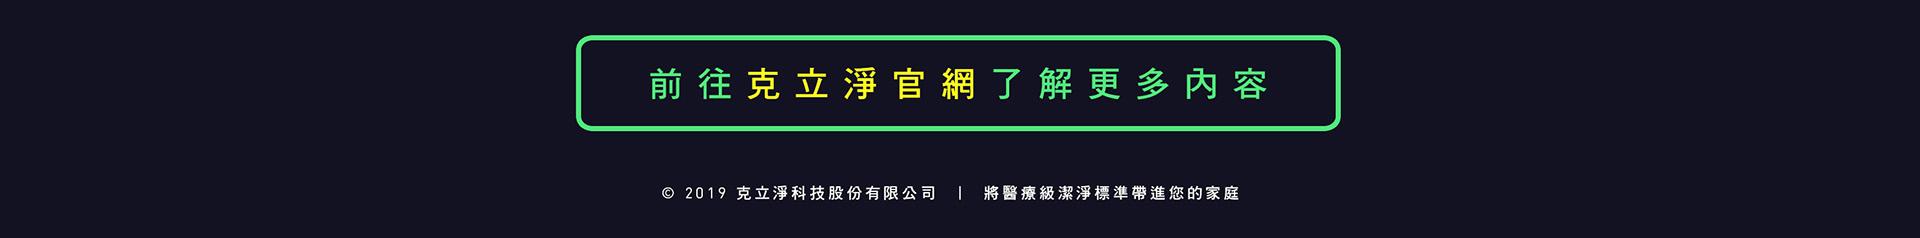 14周年慶-PC版_加寬_20191025_15